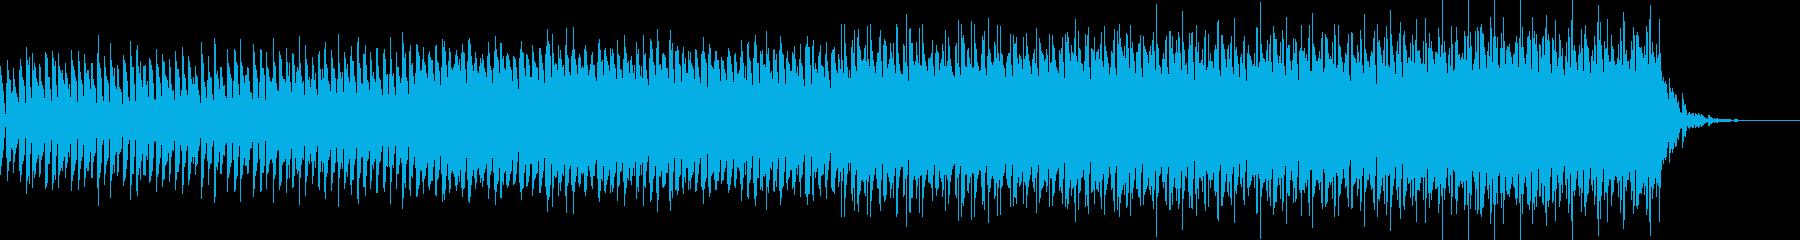 作戦/エントリ テクノアンビエント60秒の再生済みの波形